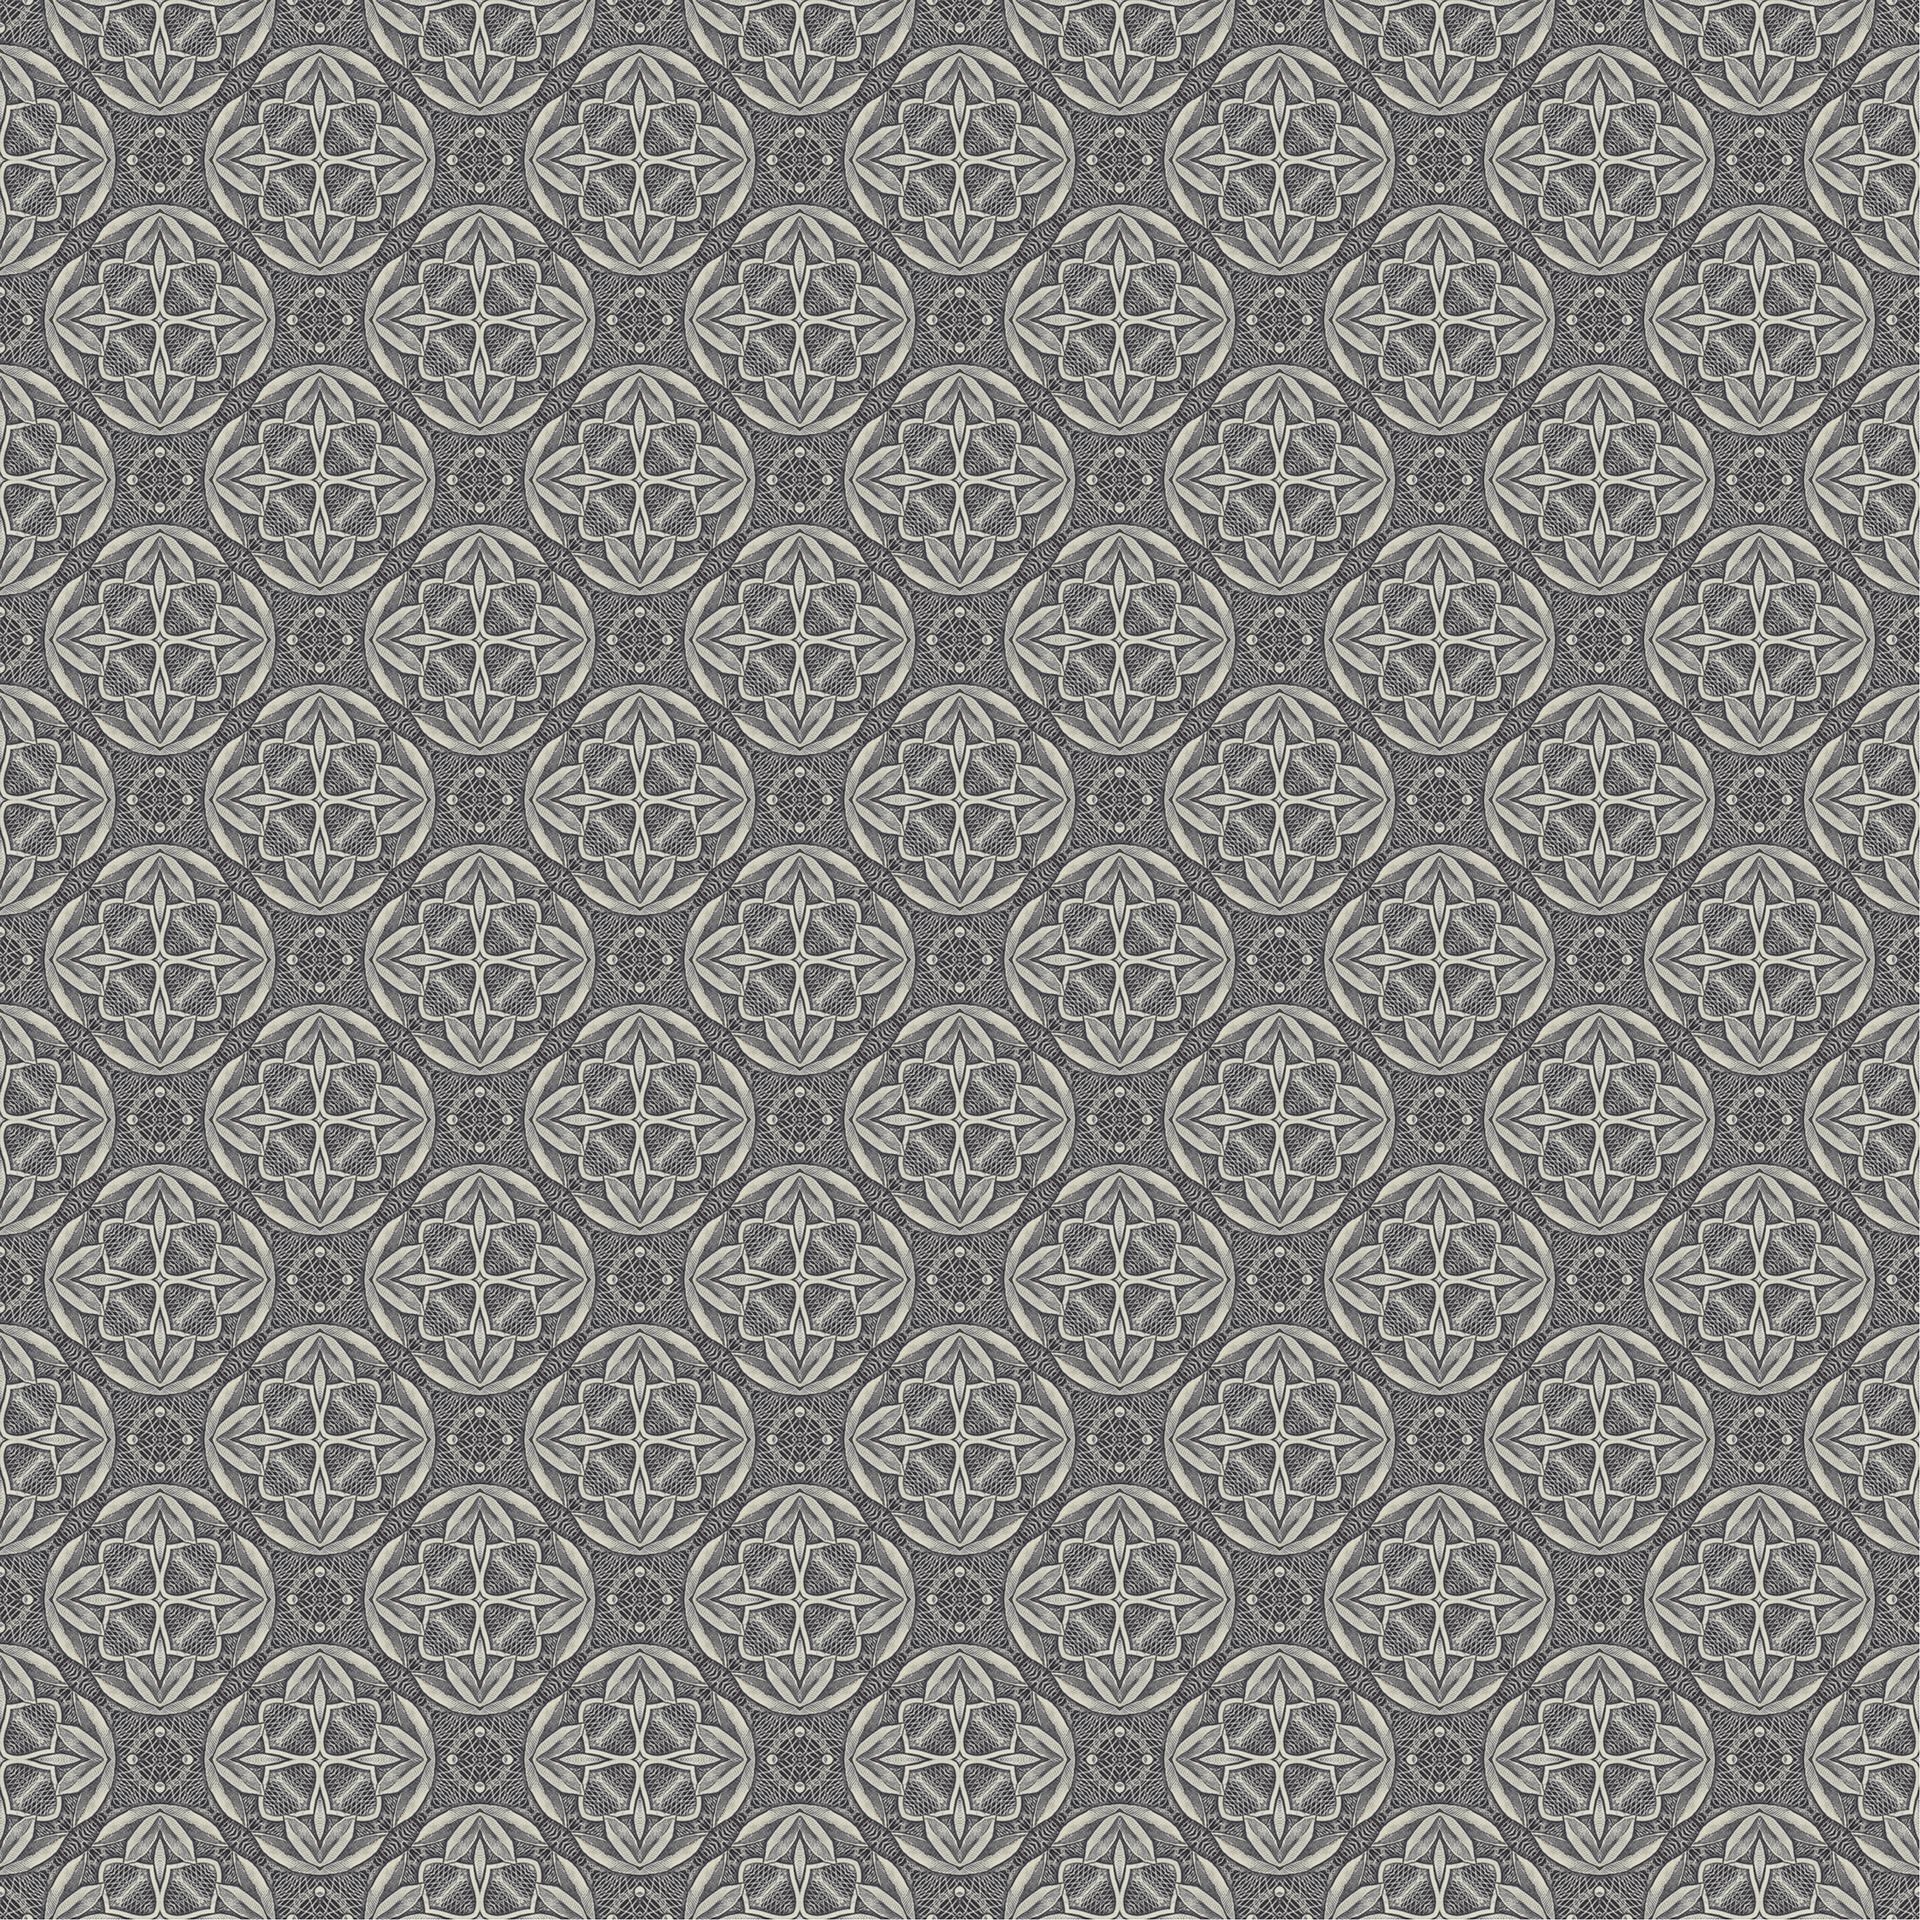 BlackLeafWeb_D_SmallDiamondGrid-01.jpg